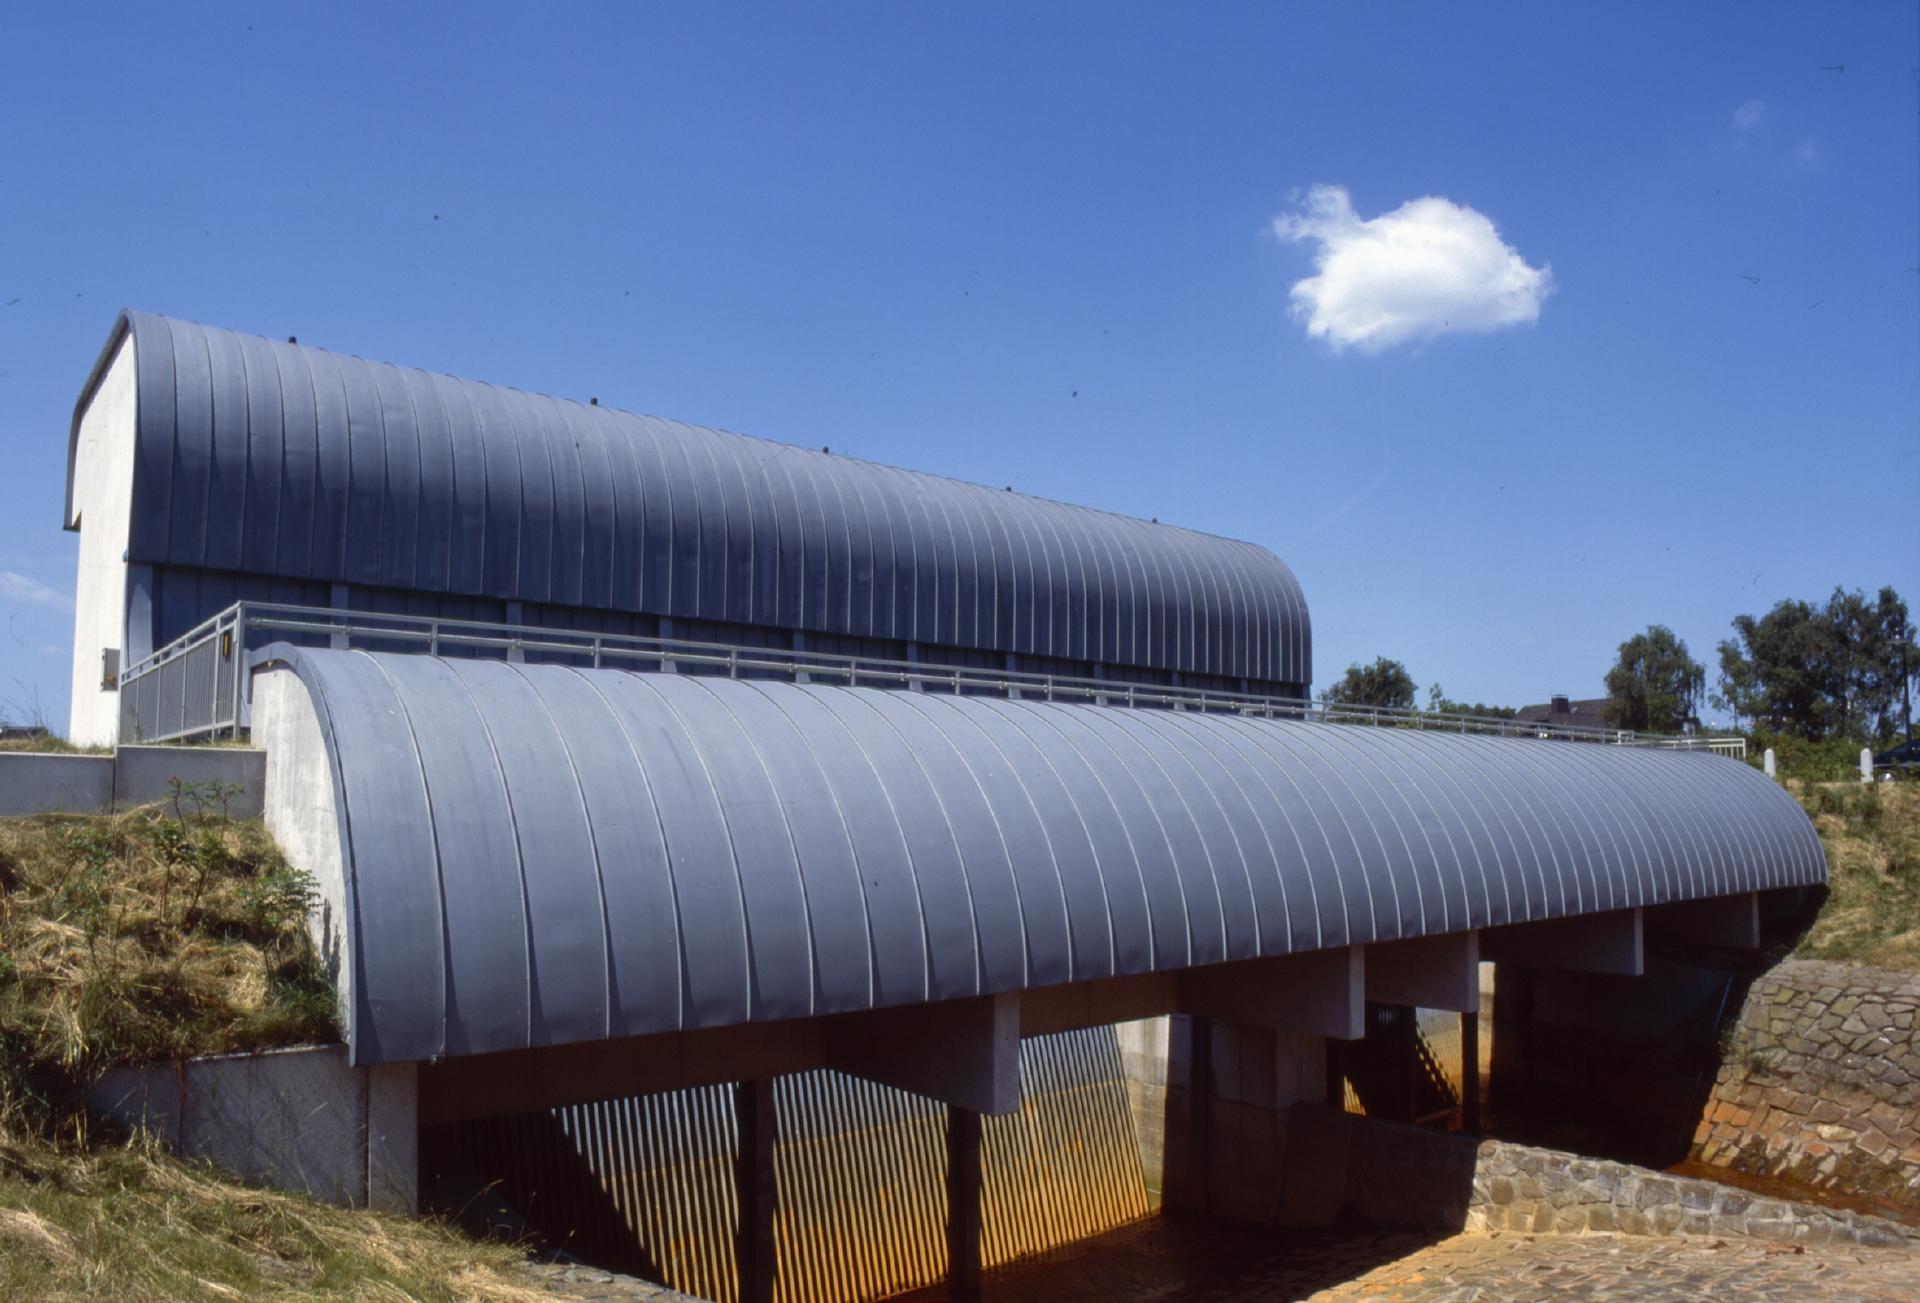 """Wie zwei silberne Wogen """"ergießt"""" sich die Dachkonstruktion des Pumpwerks Dorsten-Hammbach in die umgebende Landschaft. Foto: Jochen Durchleuchter/EGLV"""